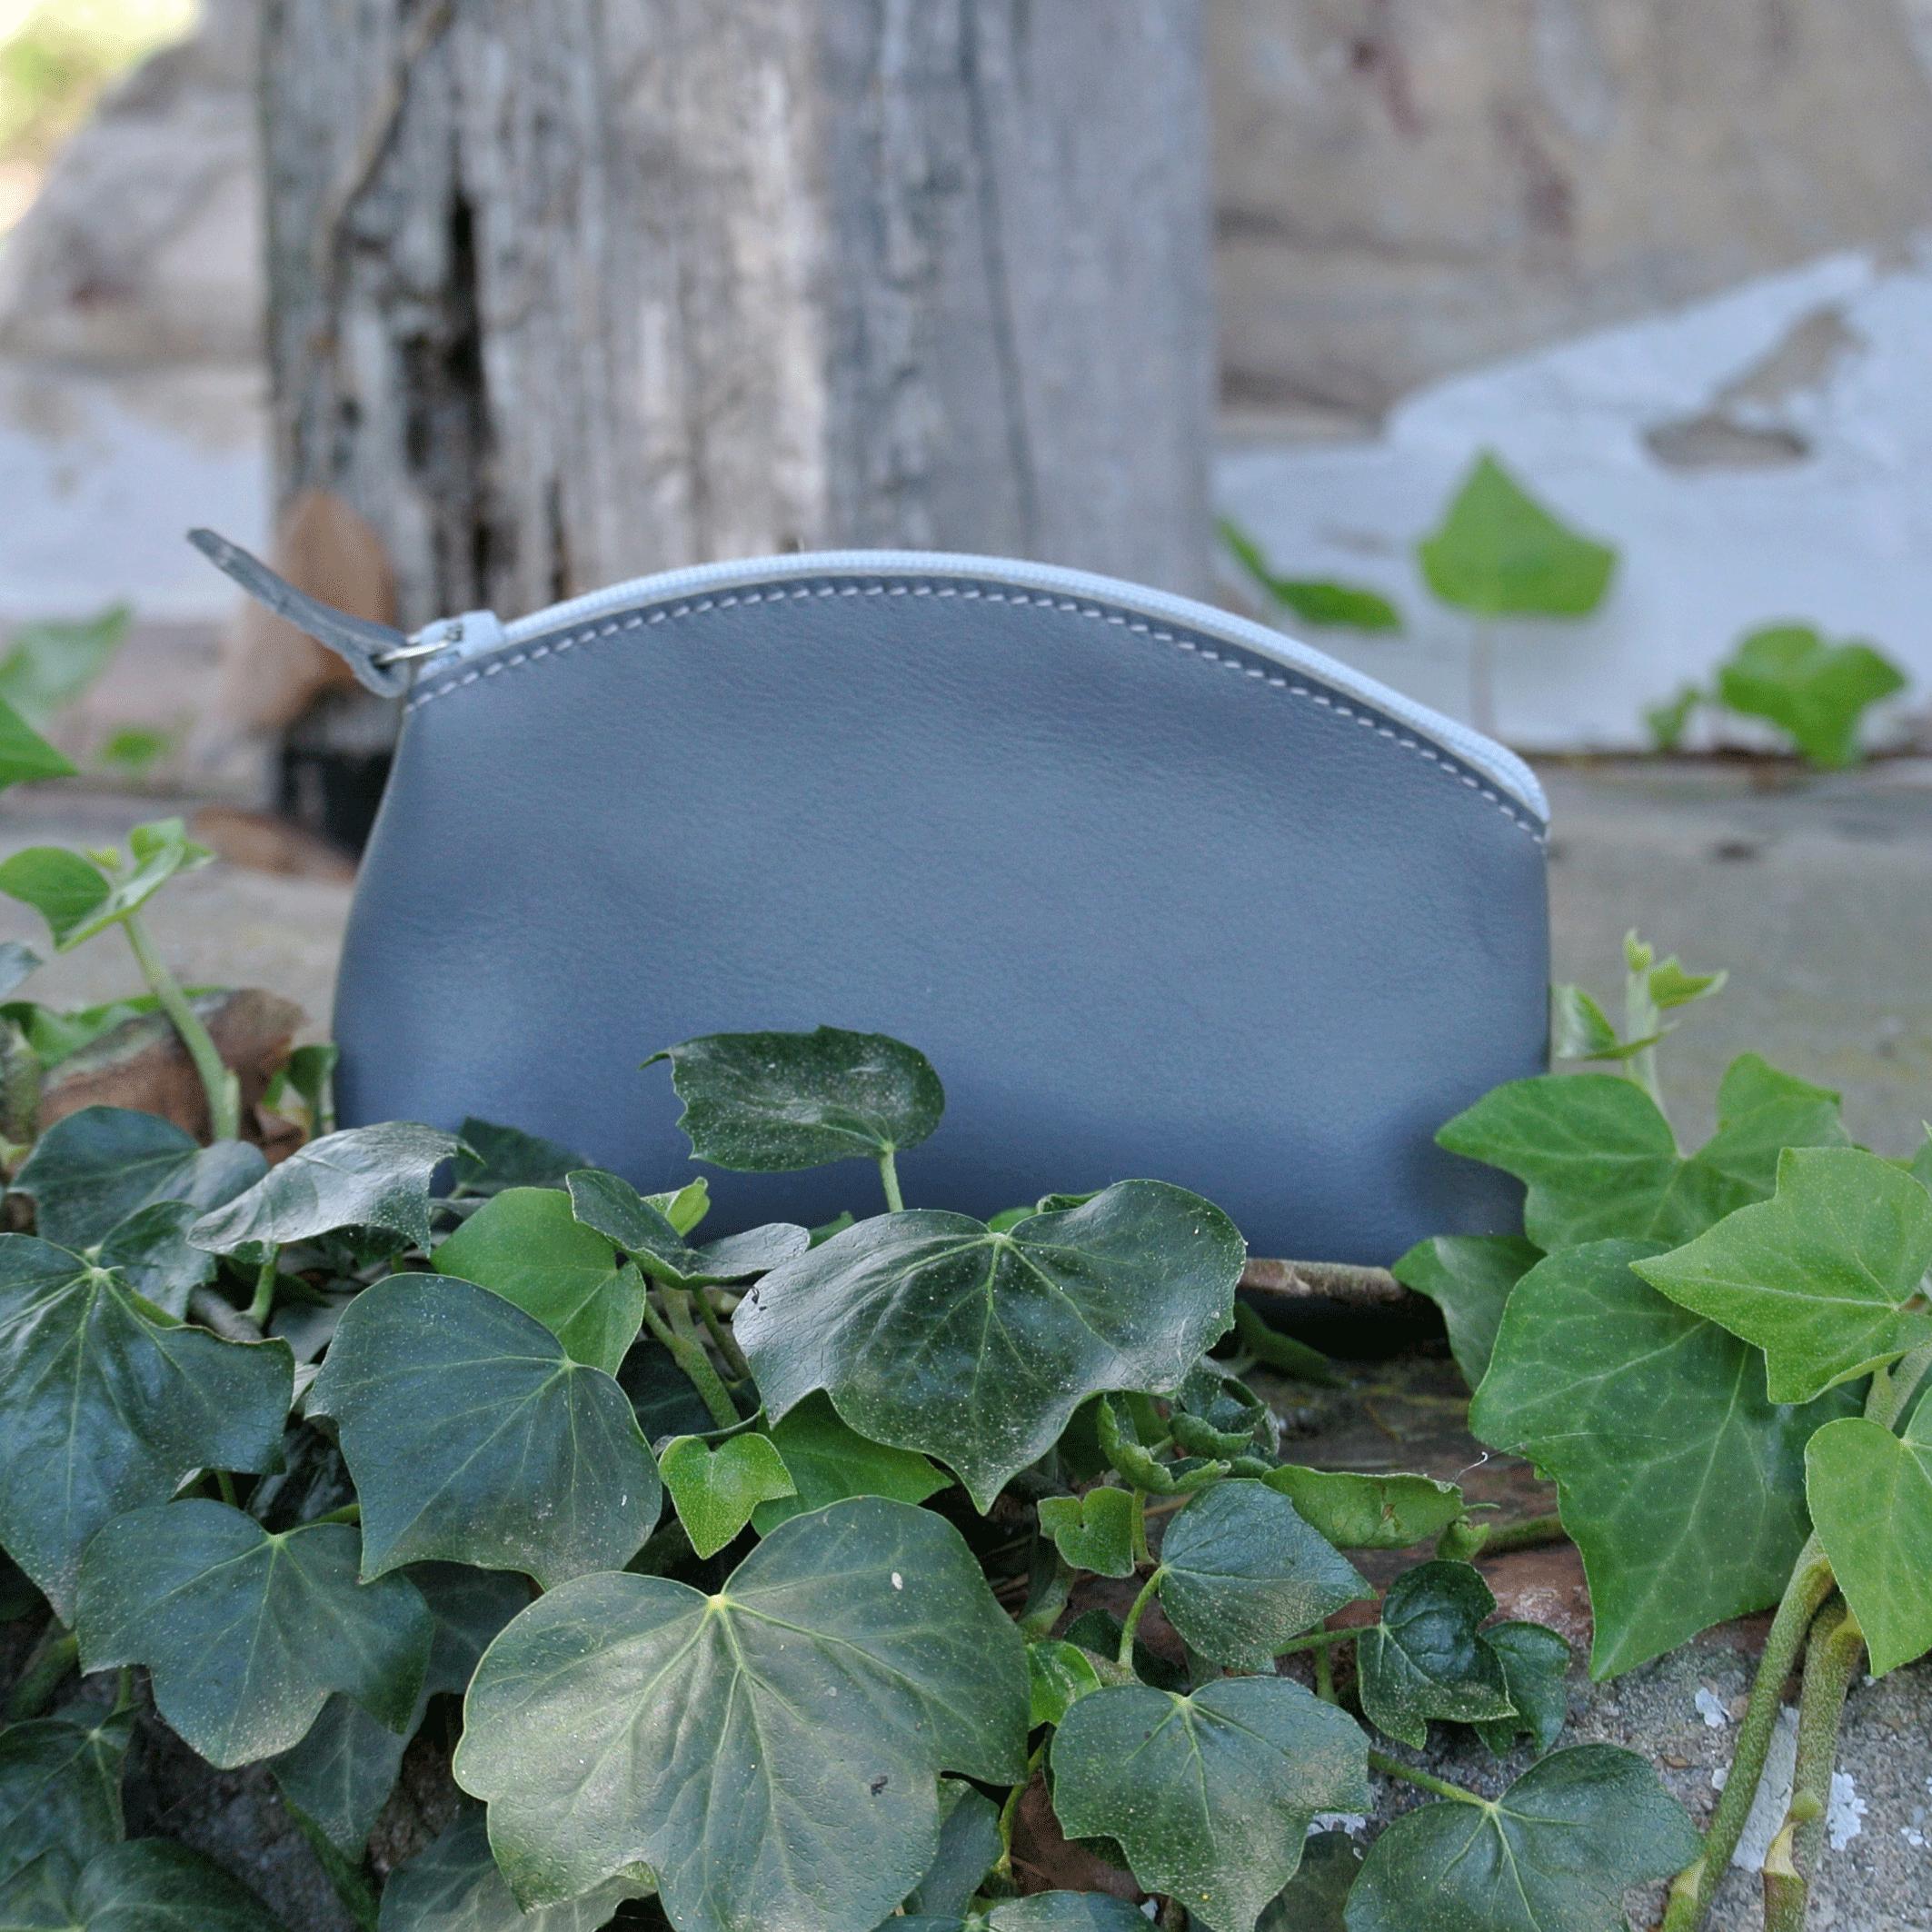 midi-trousse-tresors-fabrique-en-france-cuirs-fantaisies-la-cartabliere